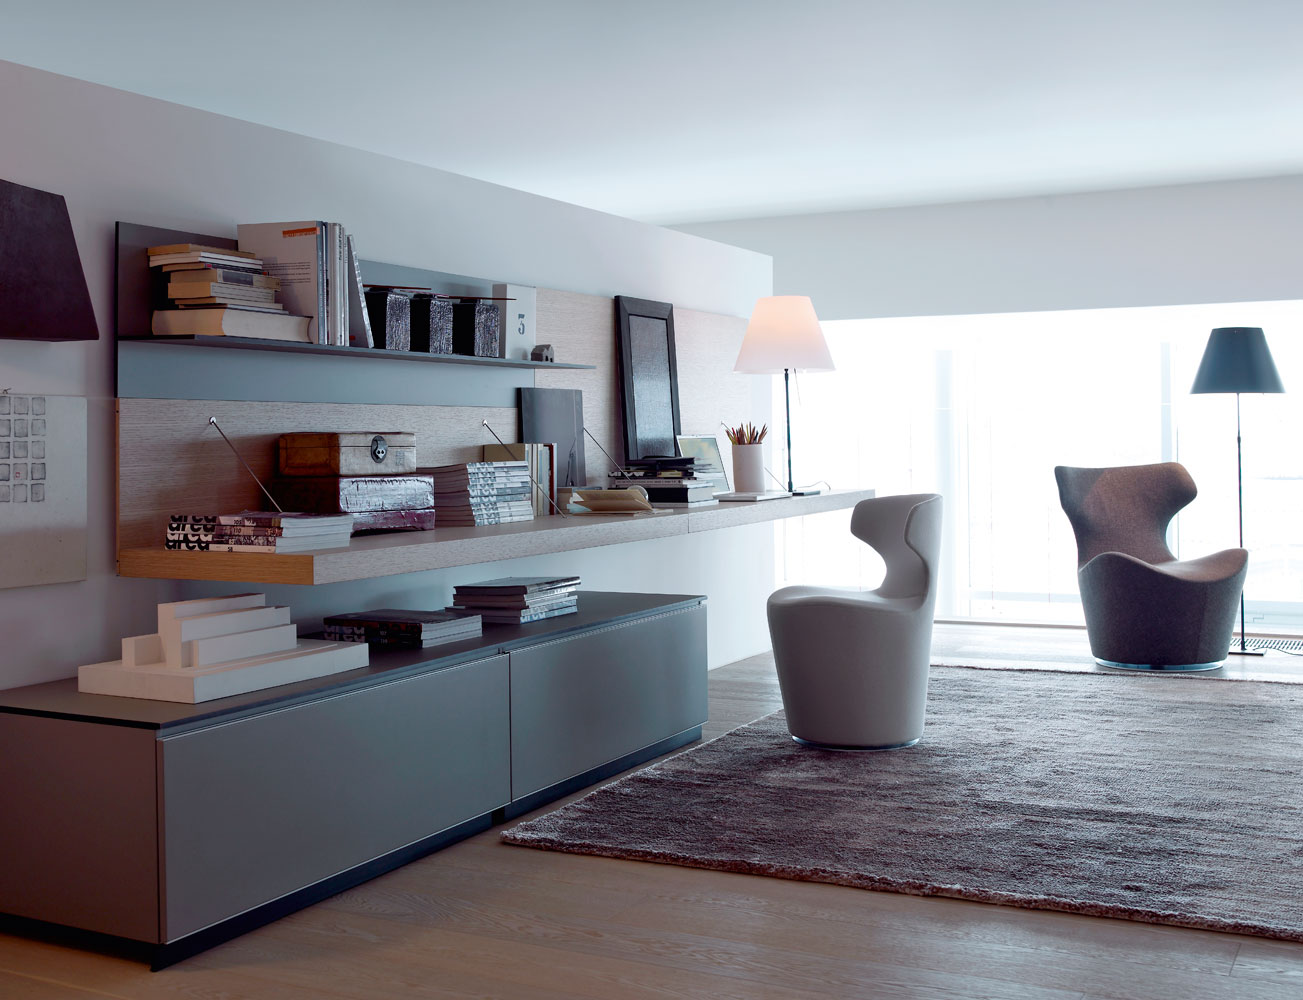 坐具|休闲椅|创意家具|现代家居|时尚家具|设计师家具|定制家具|实木家具|小凤碟扶手椅